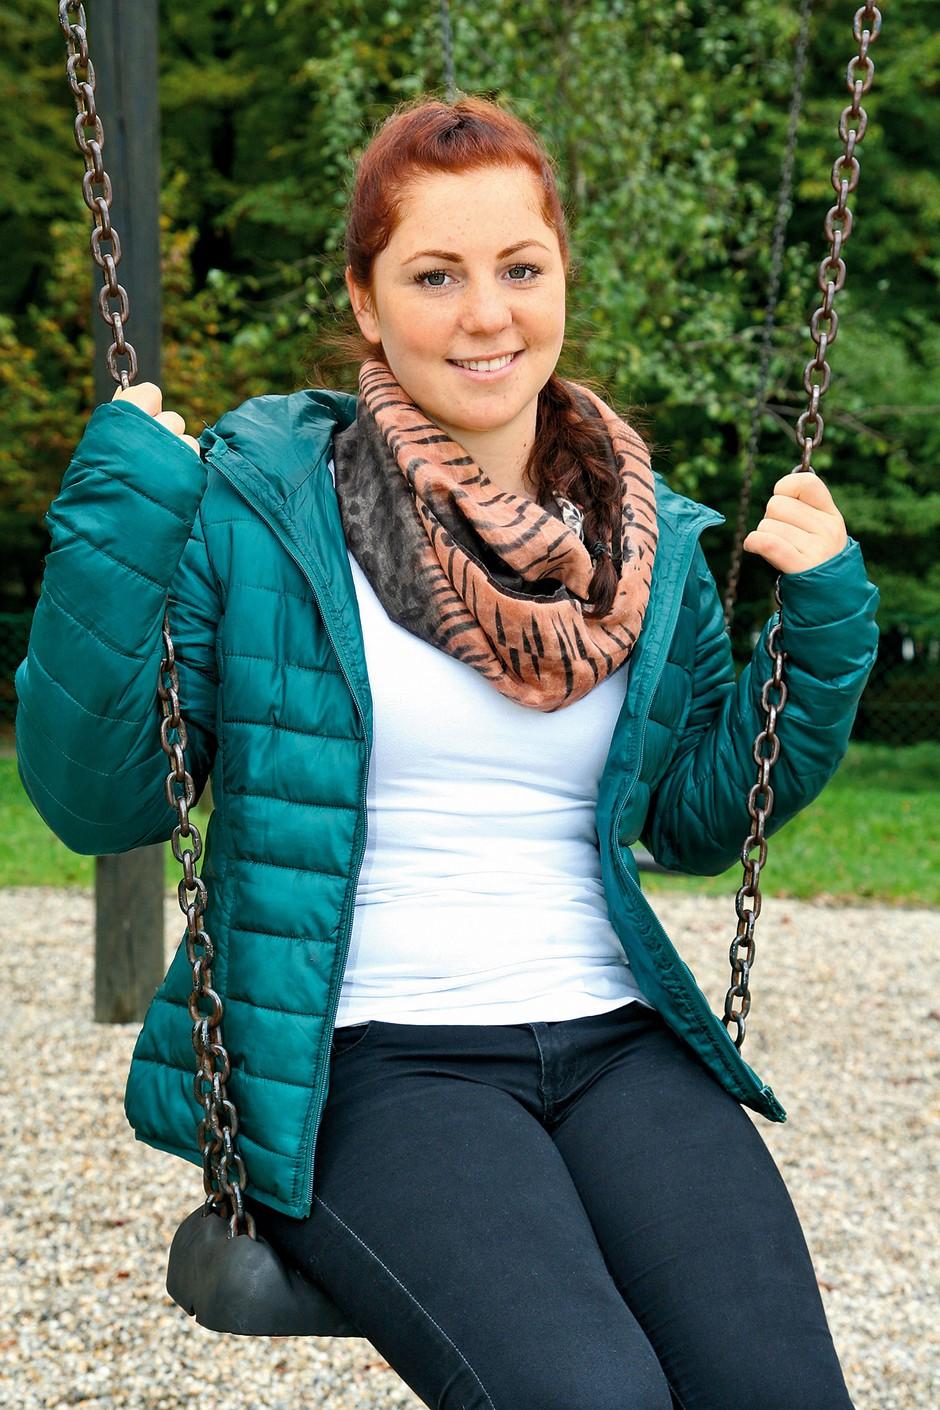 """Maja Martinec (Kmetija: Nov začetek): """"Izkoristili so moj čustveni zlom"""" (foto: Lea Press)"""